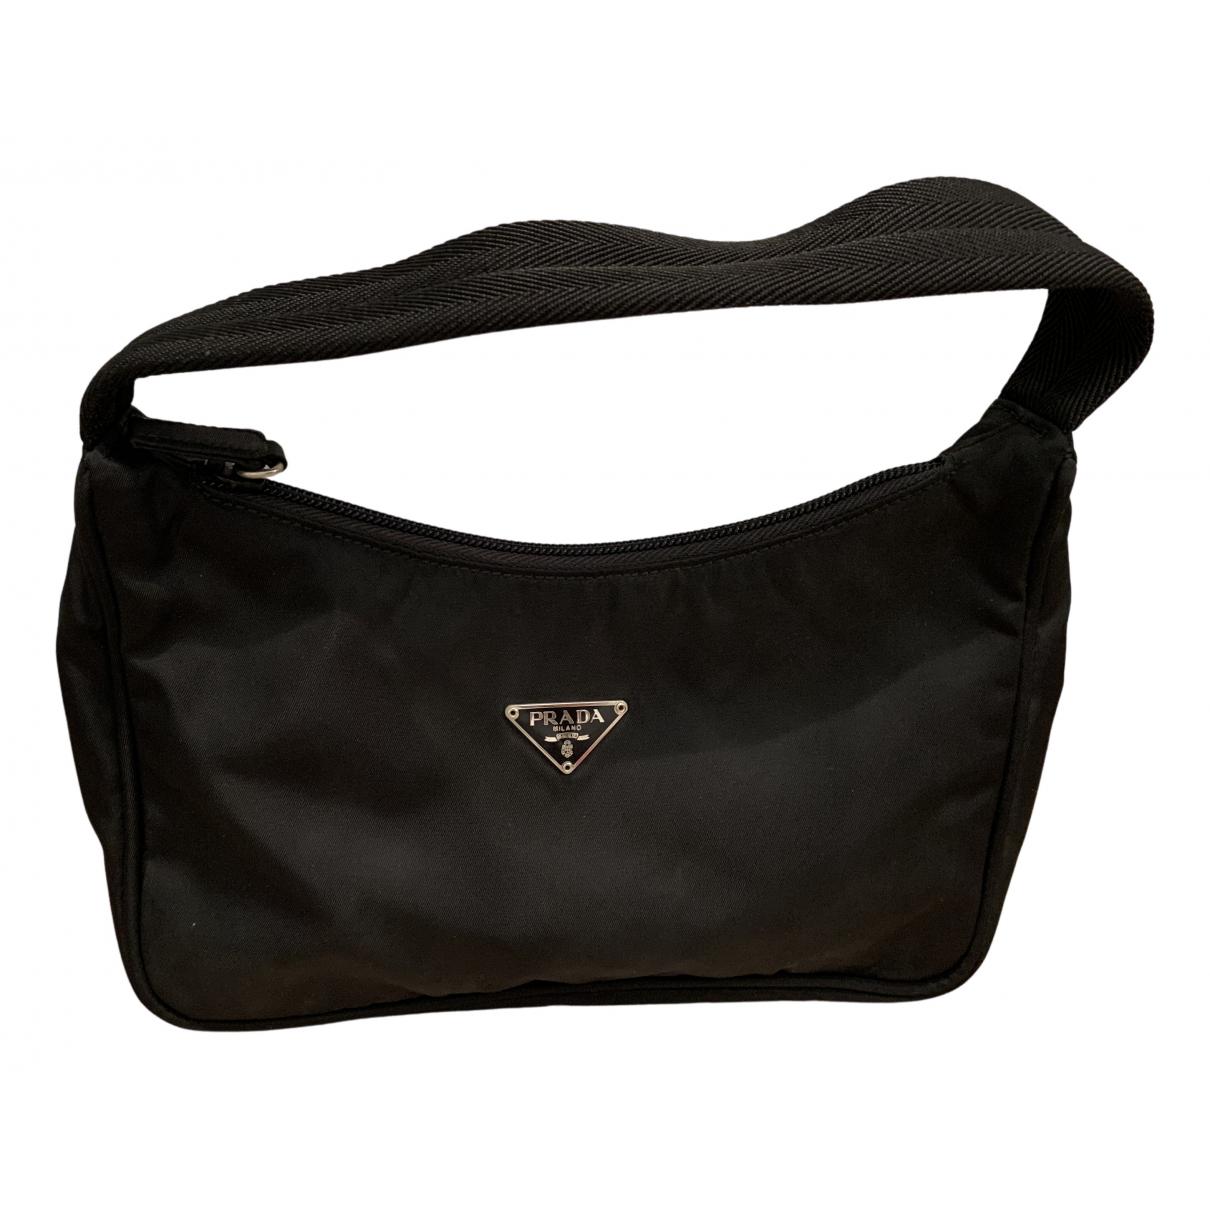 Prada Re-Nylon Handtasche in  Schwarz Leinen